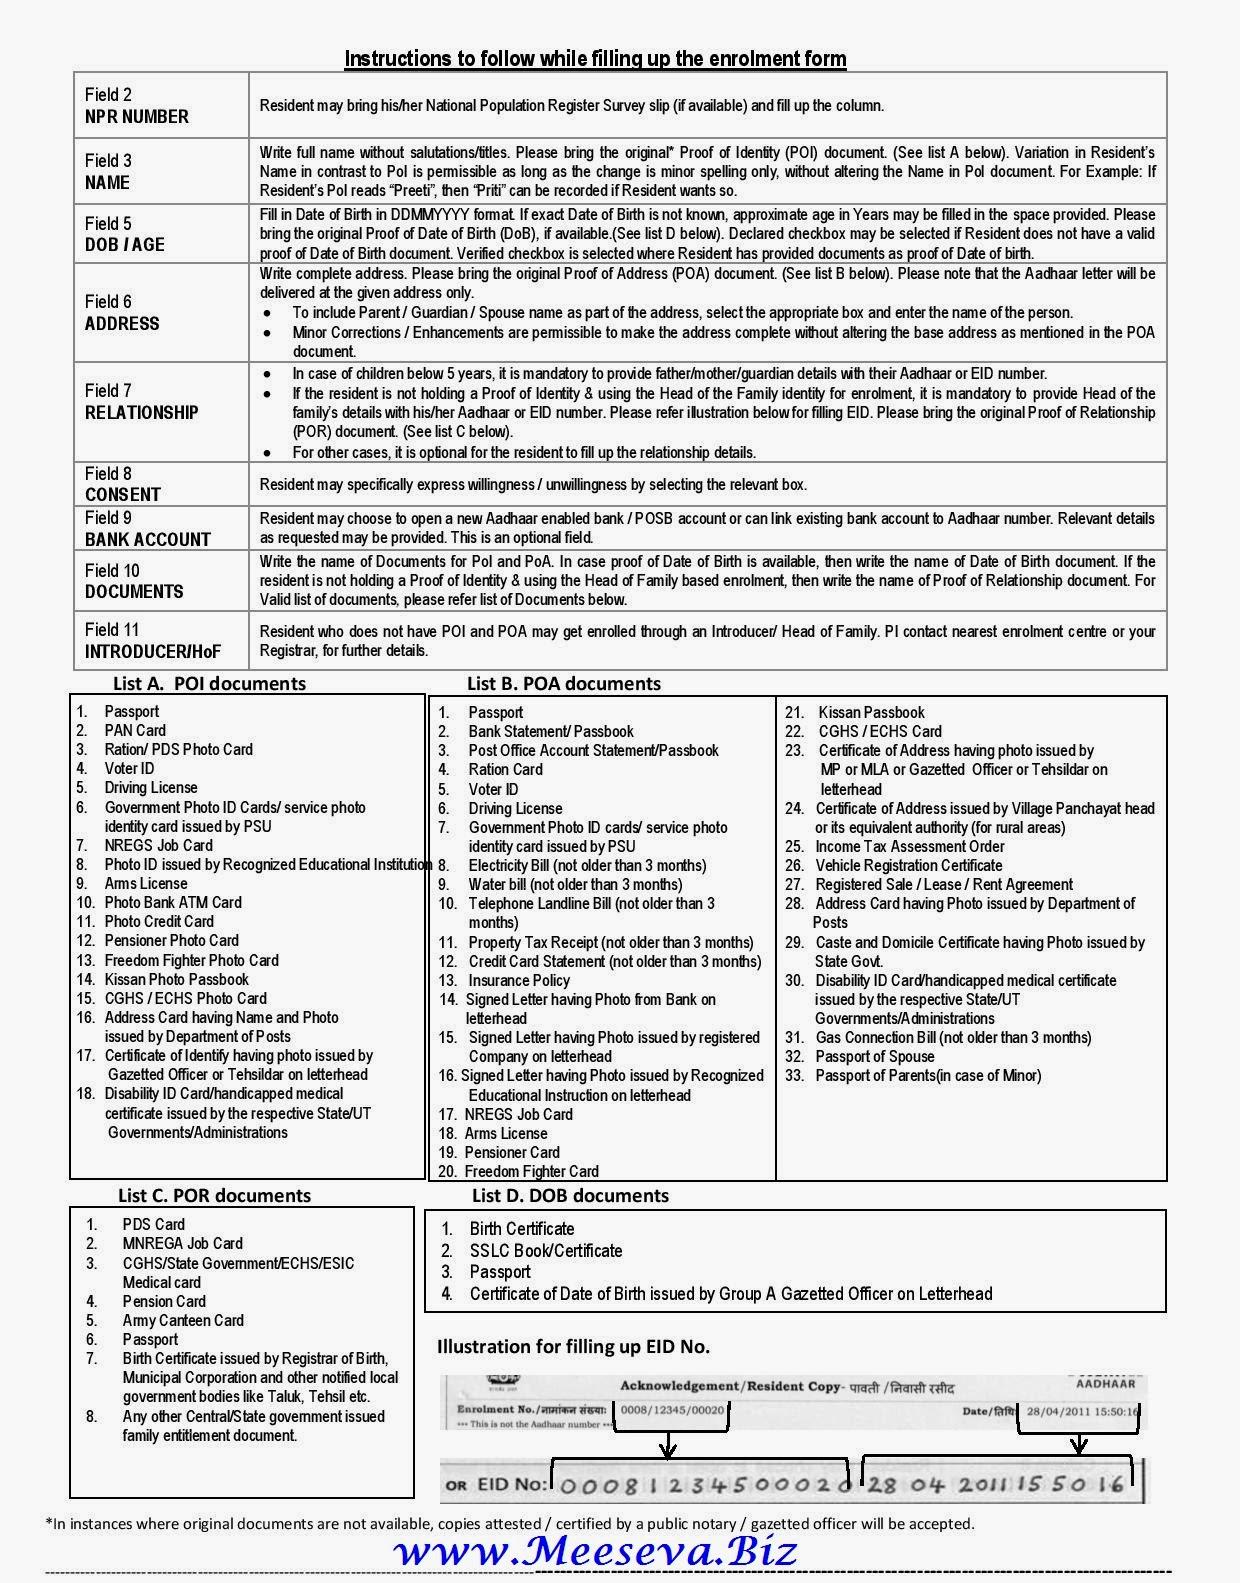 How can i download aadhaar enrolment correction form youtube.